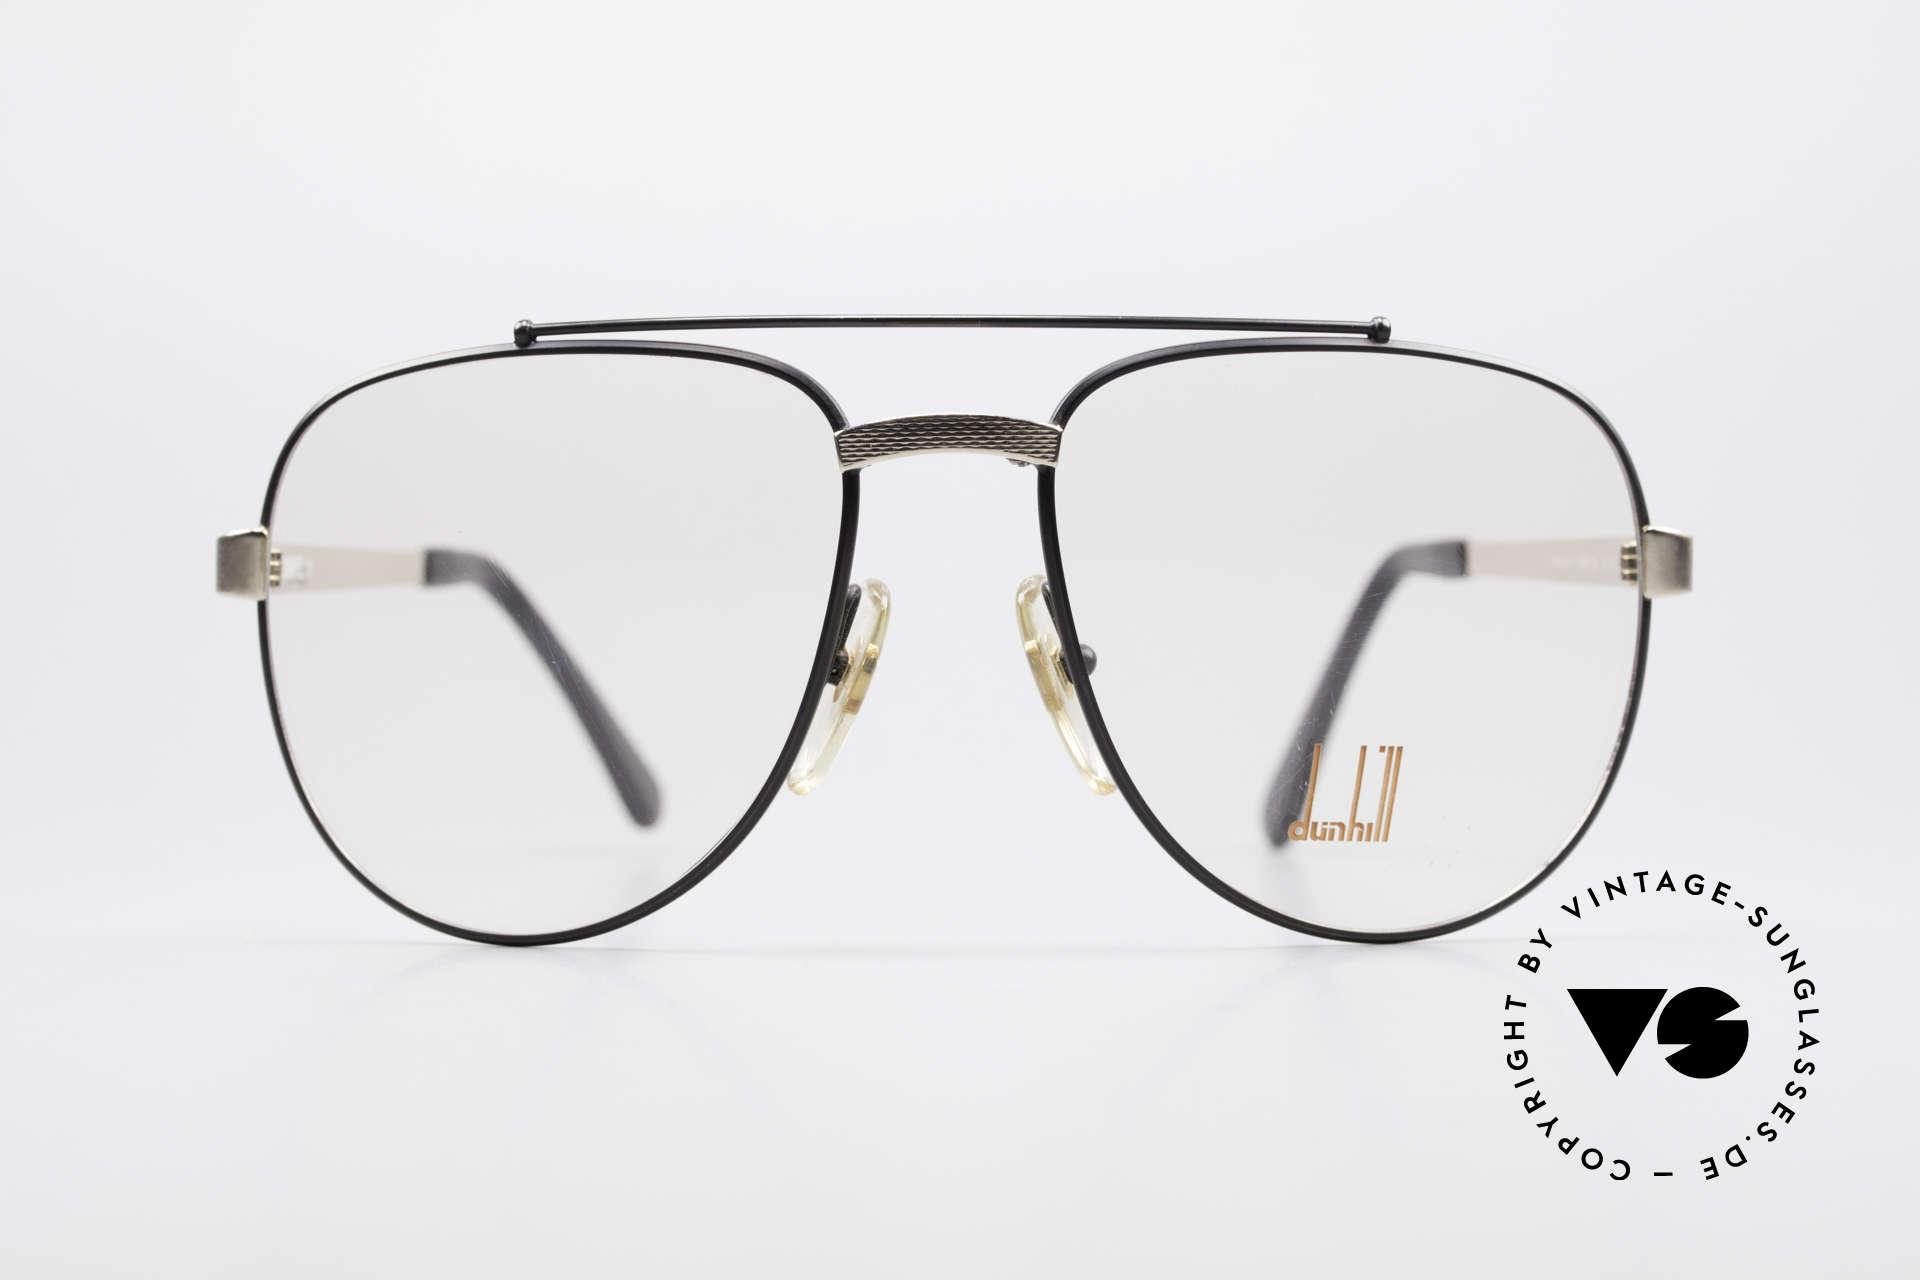 Dunhill 6029 Comfort Fit Luxus Brille 80er, Comfort-Fit: federnde Brücke für optimale Form, Passend für Herren